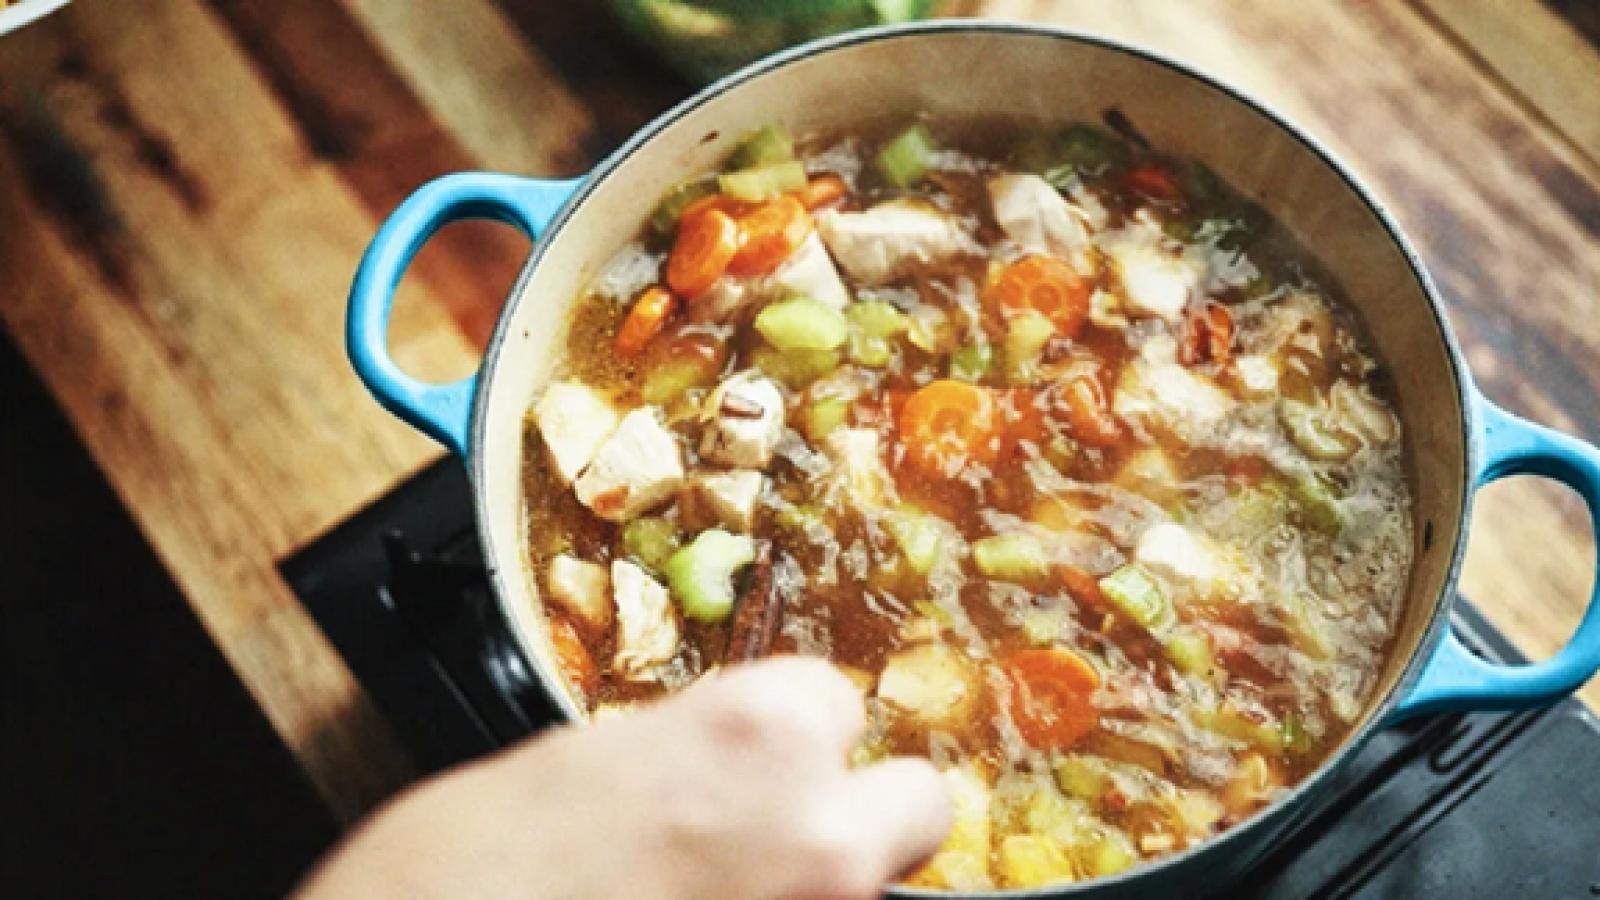 Nên và không nên ăn thực phẩm nào khi bạn bị cảm cúm?